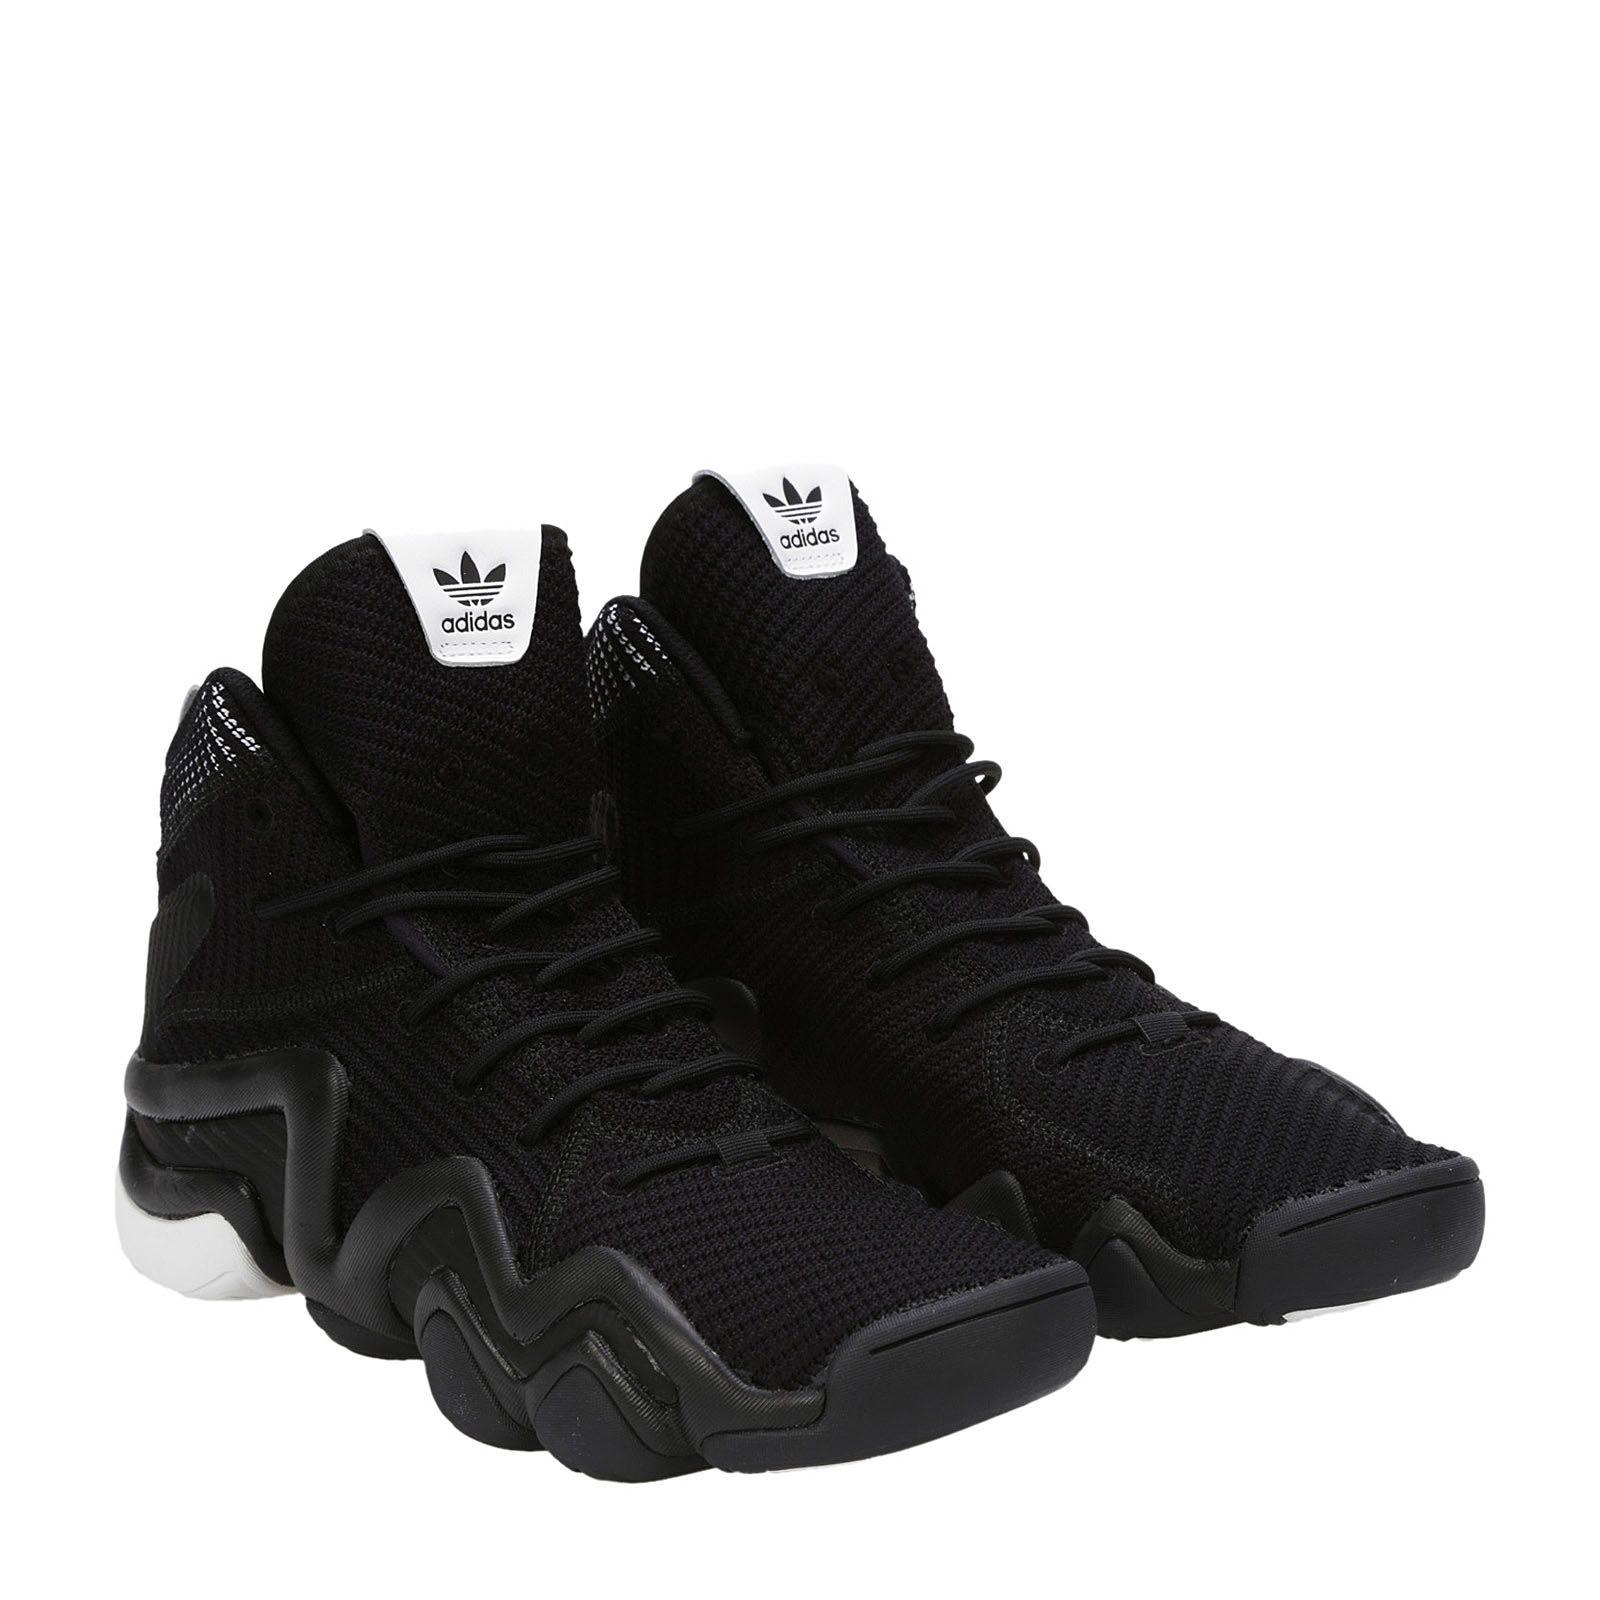 Adidas 8 Originals Sneakers Adidas Originals Originals Crazy 8 Adv Pk Sneakers CORE d22d02f - allpoints.host